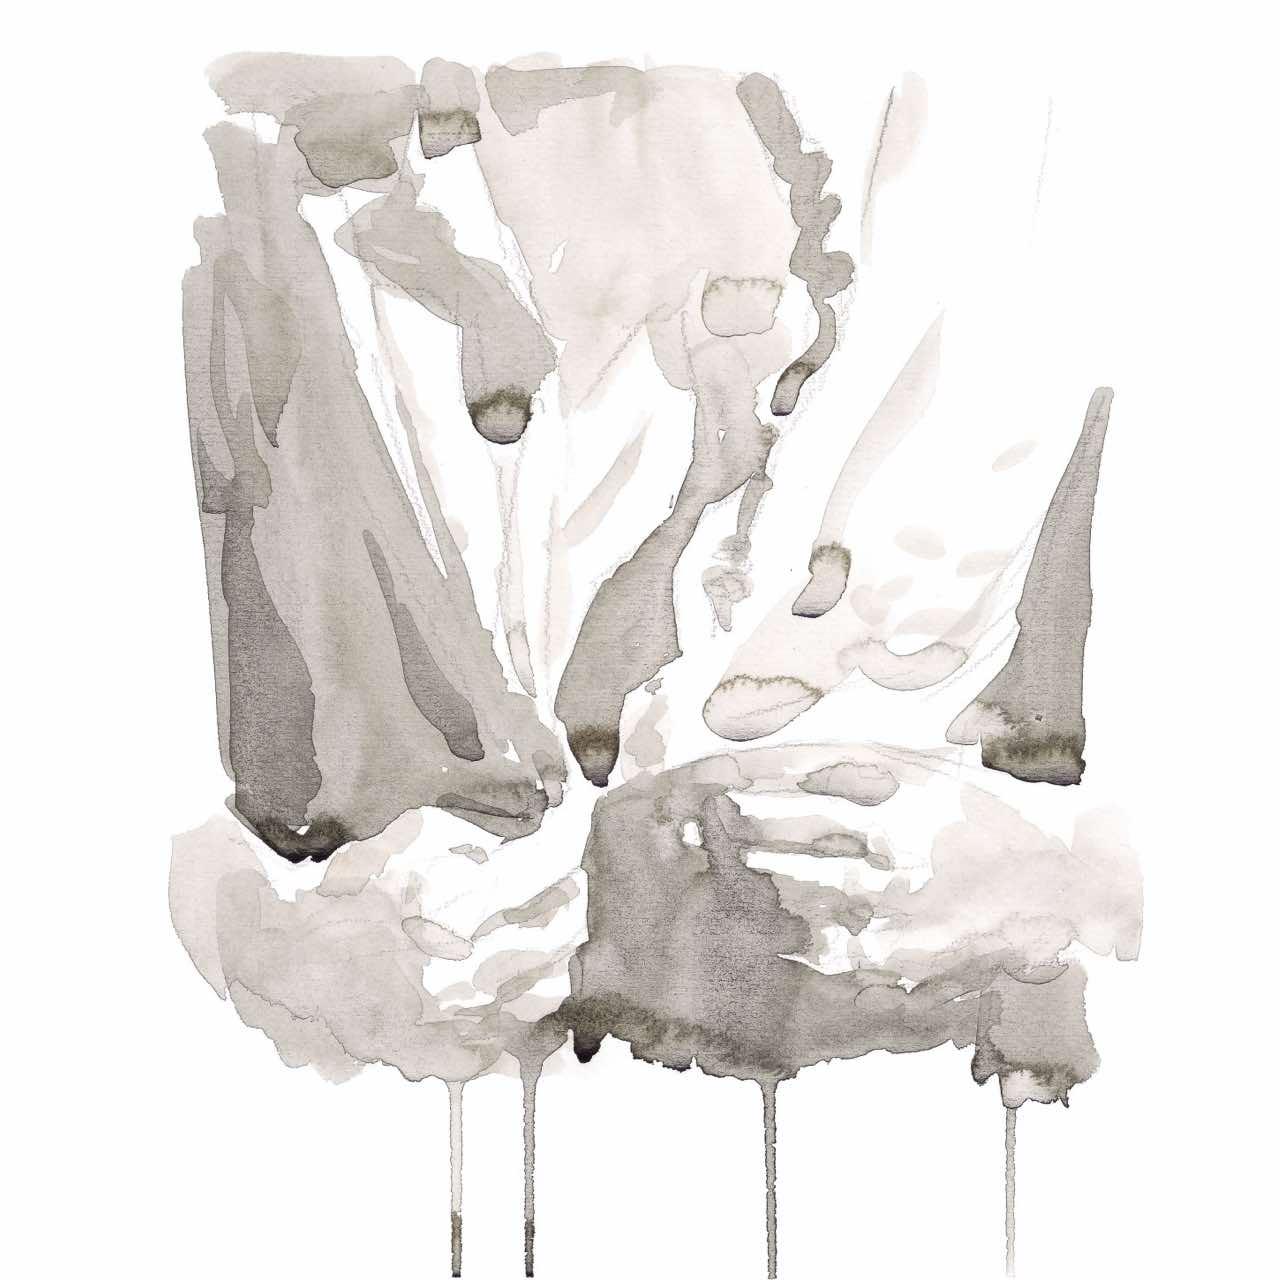 Watercolor abbottona